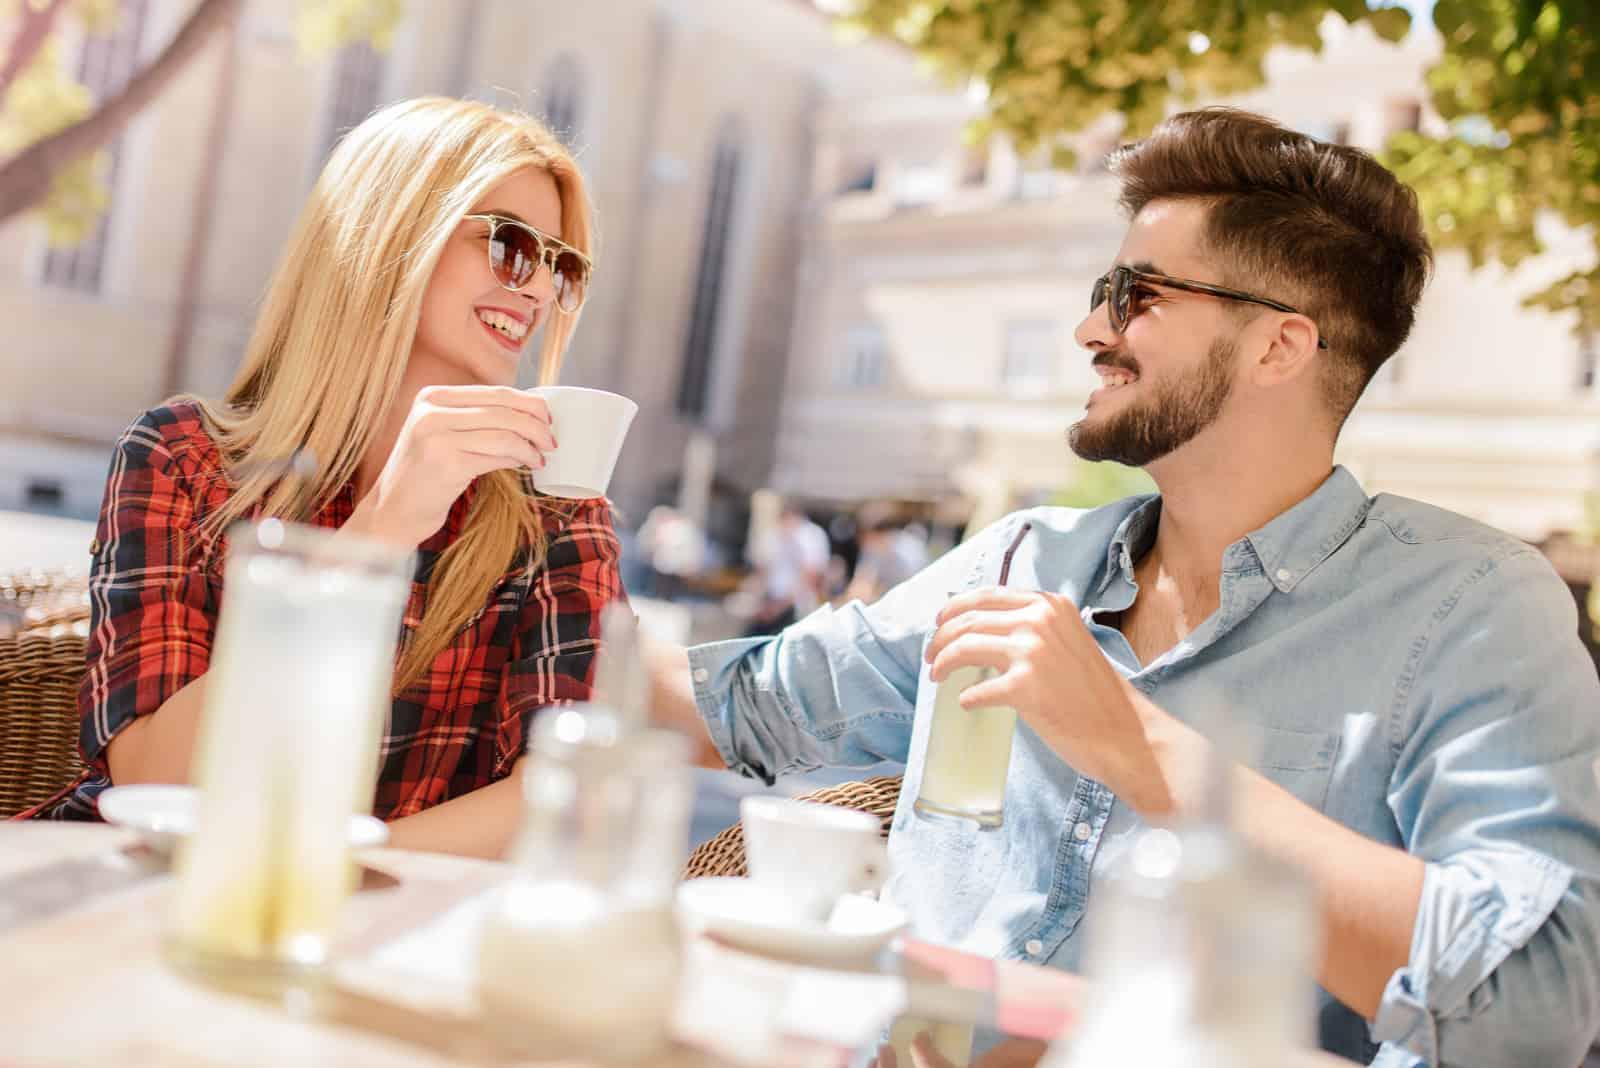 ein Mann und eine Frau sitzen draußen, trinken Kaffee und unterhalten sich